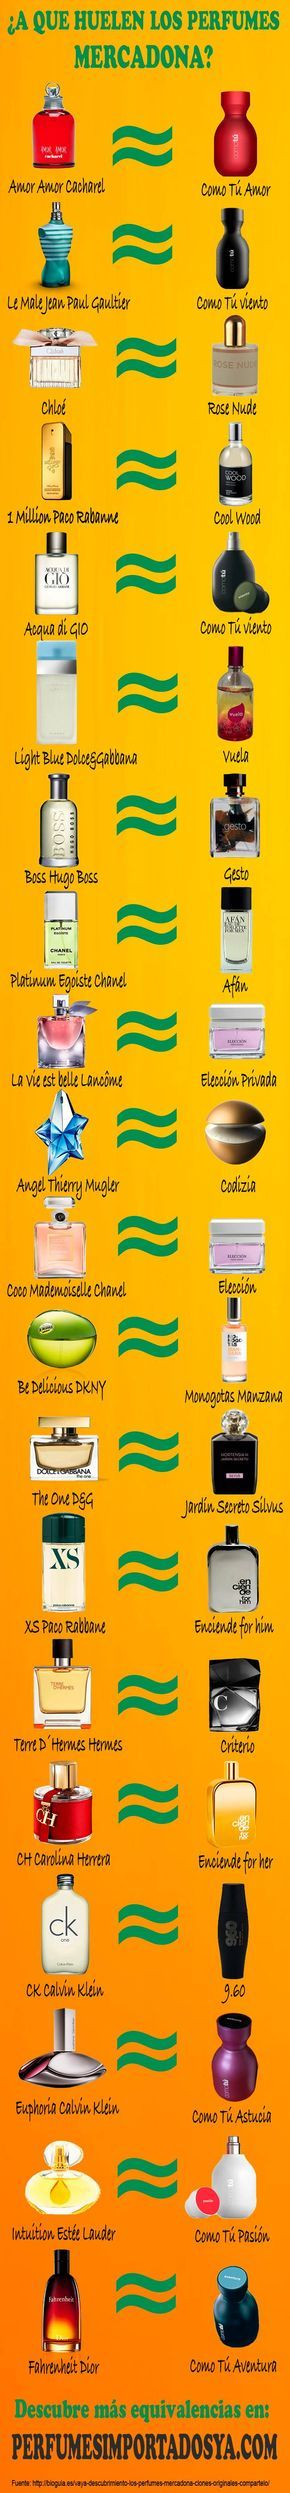 Listado de equivalencias entre los perfumes mercadona y las fragancias más populares. #perfumes #equivalencias #mercadona